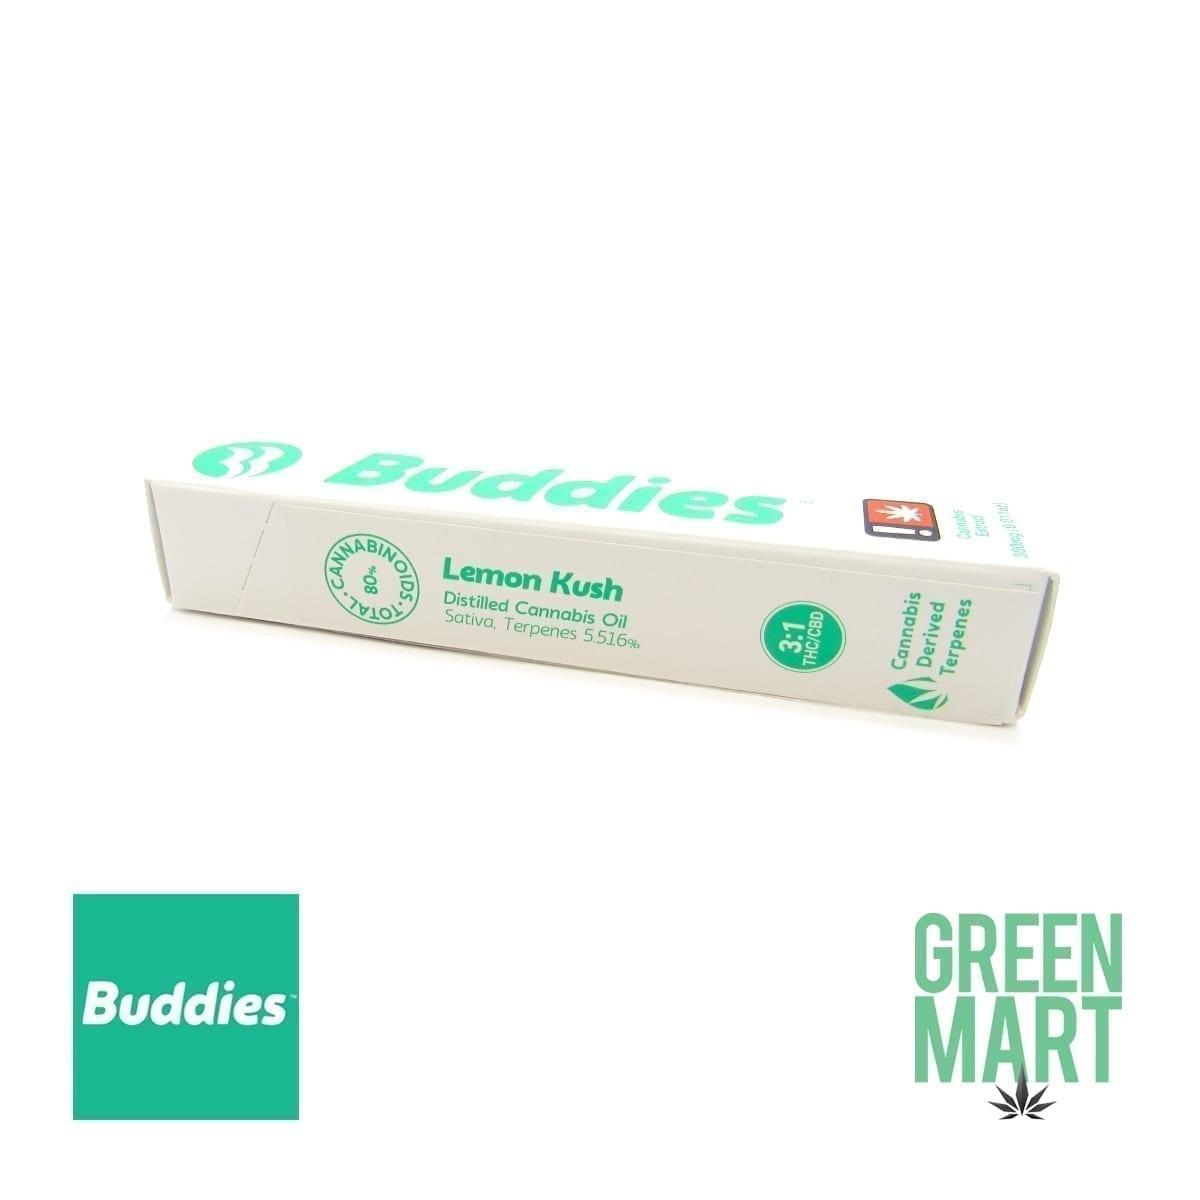 Buddies Brand Disposable Vape - High *CBD* Lemon Kush